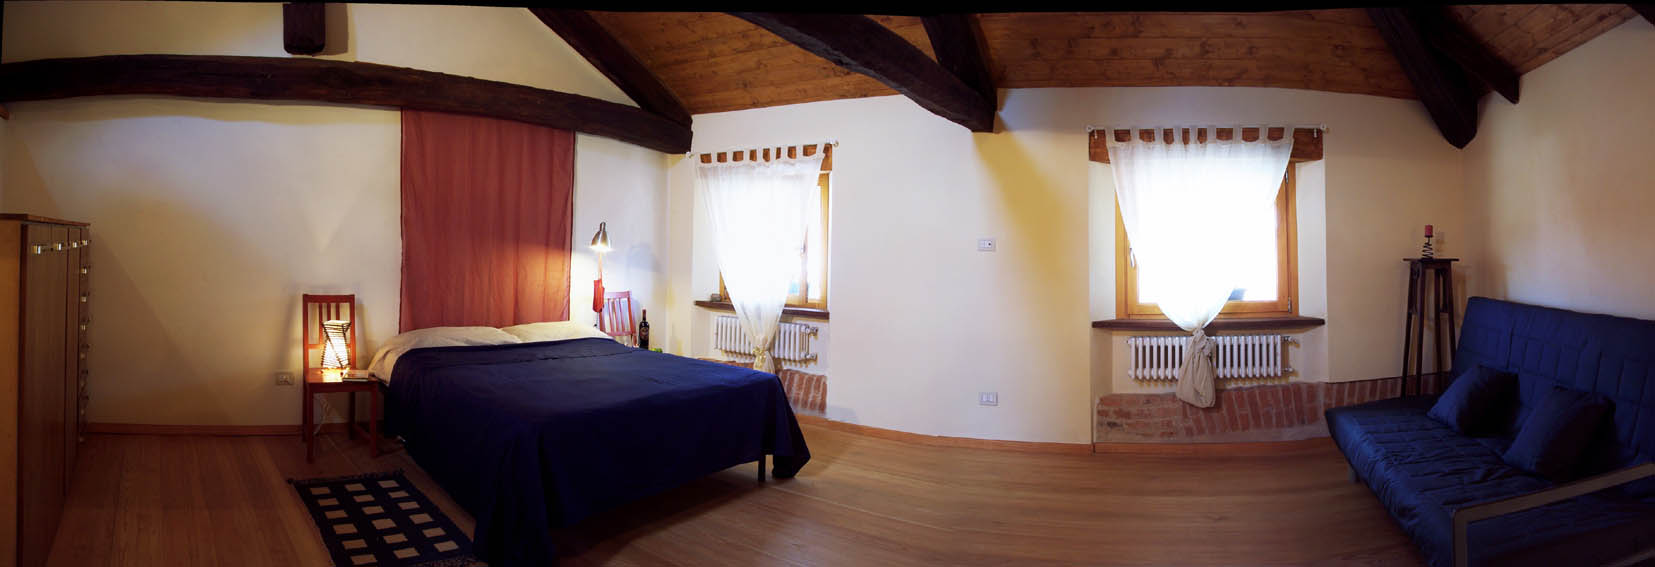 Casa Prosit, Asti, Italy, Buchen Sie Ihren Urlaub heute, Hotels für alle Budgets im Asti